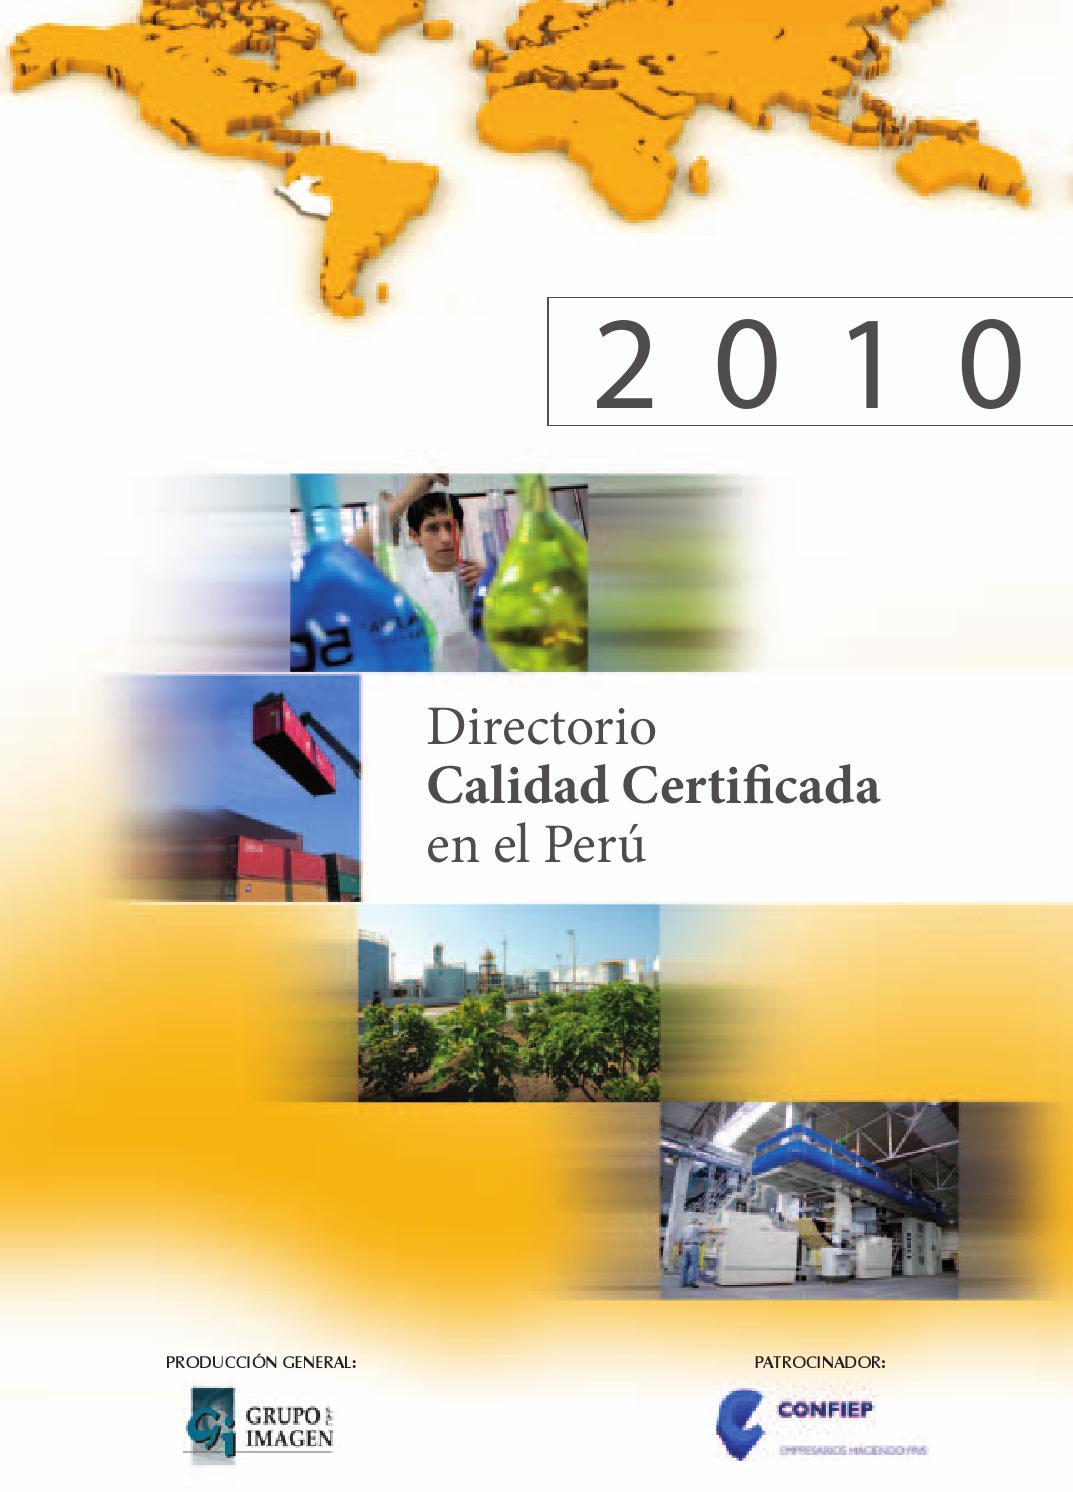 Directorio Calidad Certificada En El Per 2010 By Grupo